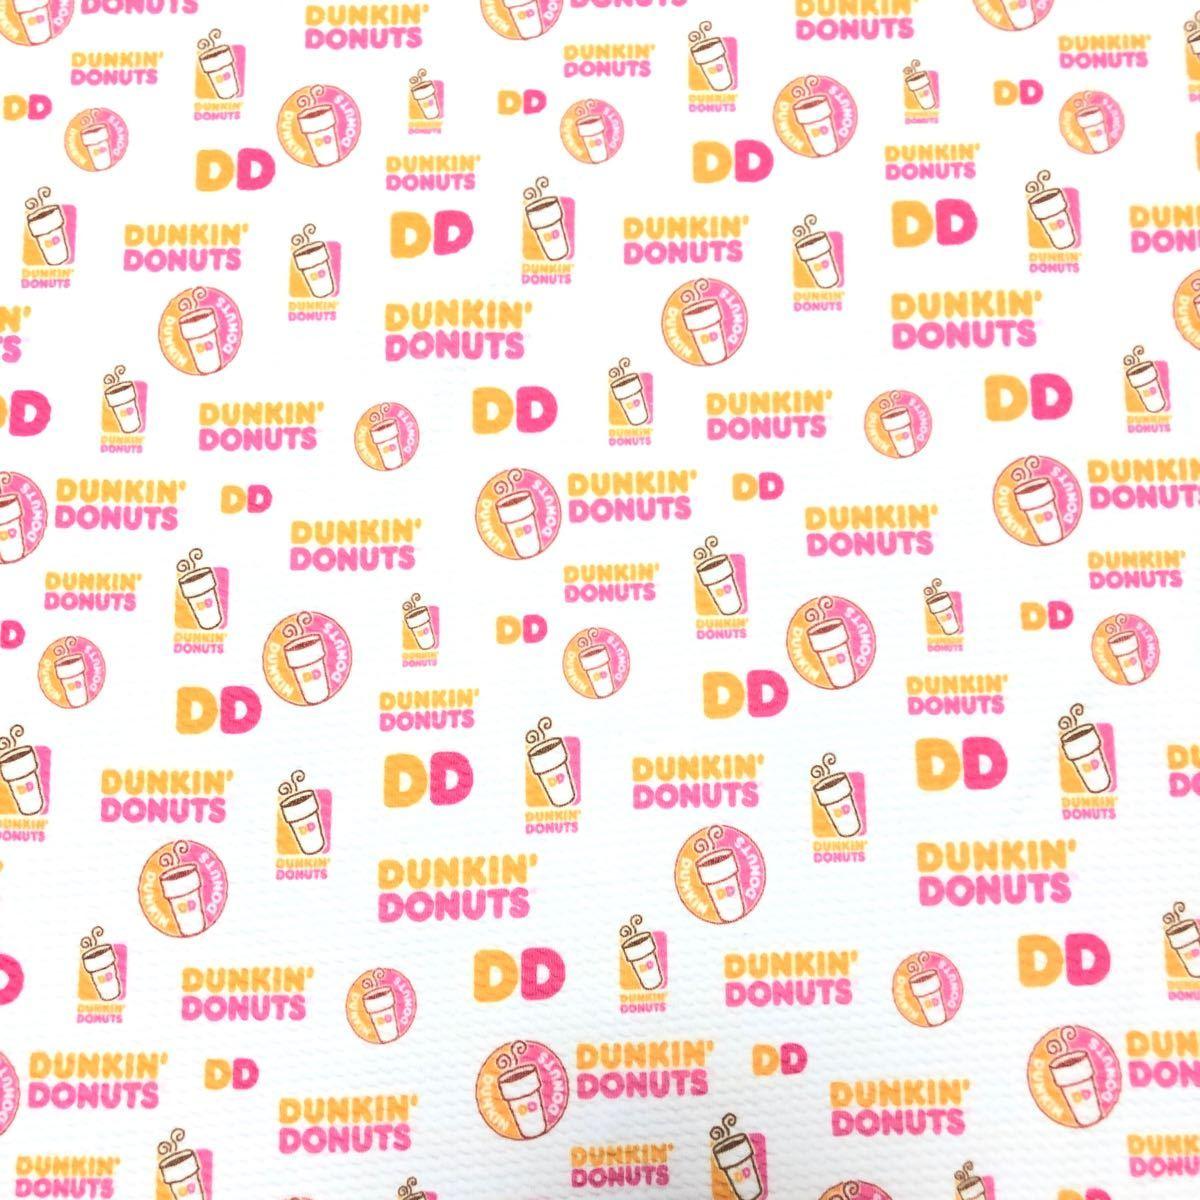 生地 ハギレ ニット生地 はぎれ ドーナツ ダンキンドーナツ